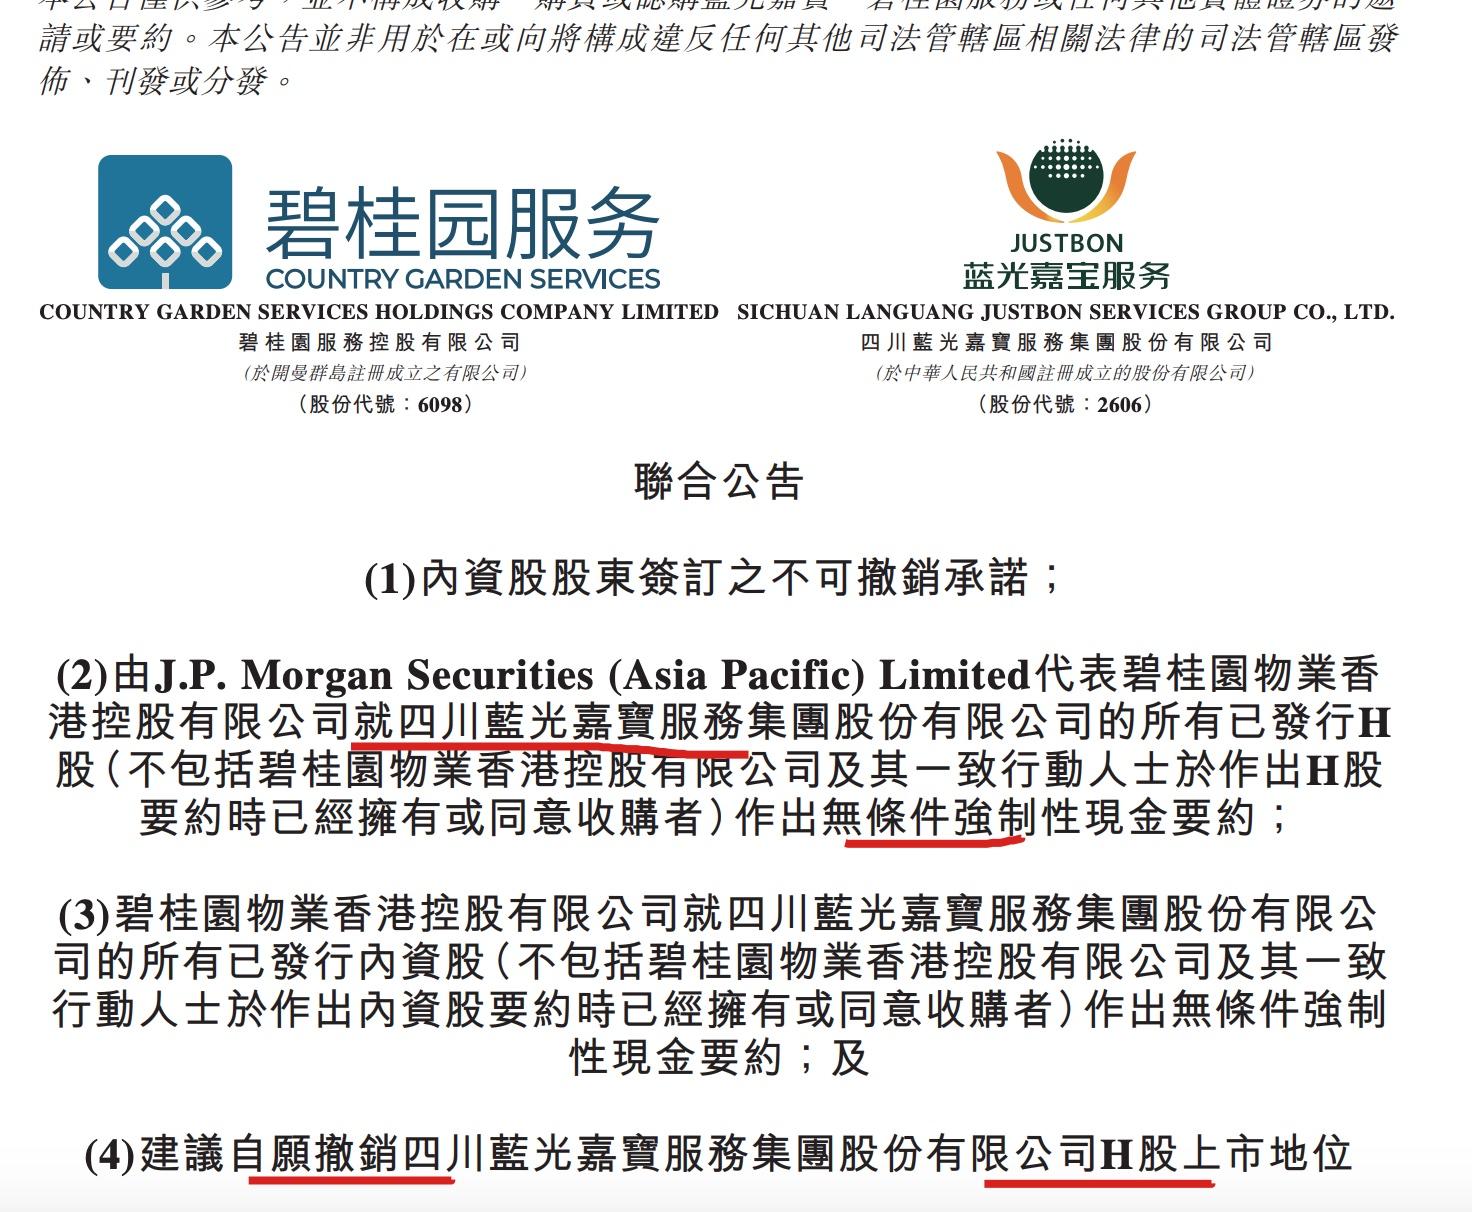 碧桂园服务、蓝光嘉宝联合公称:蓝光嘉宝将于7月22日在港交所除牌